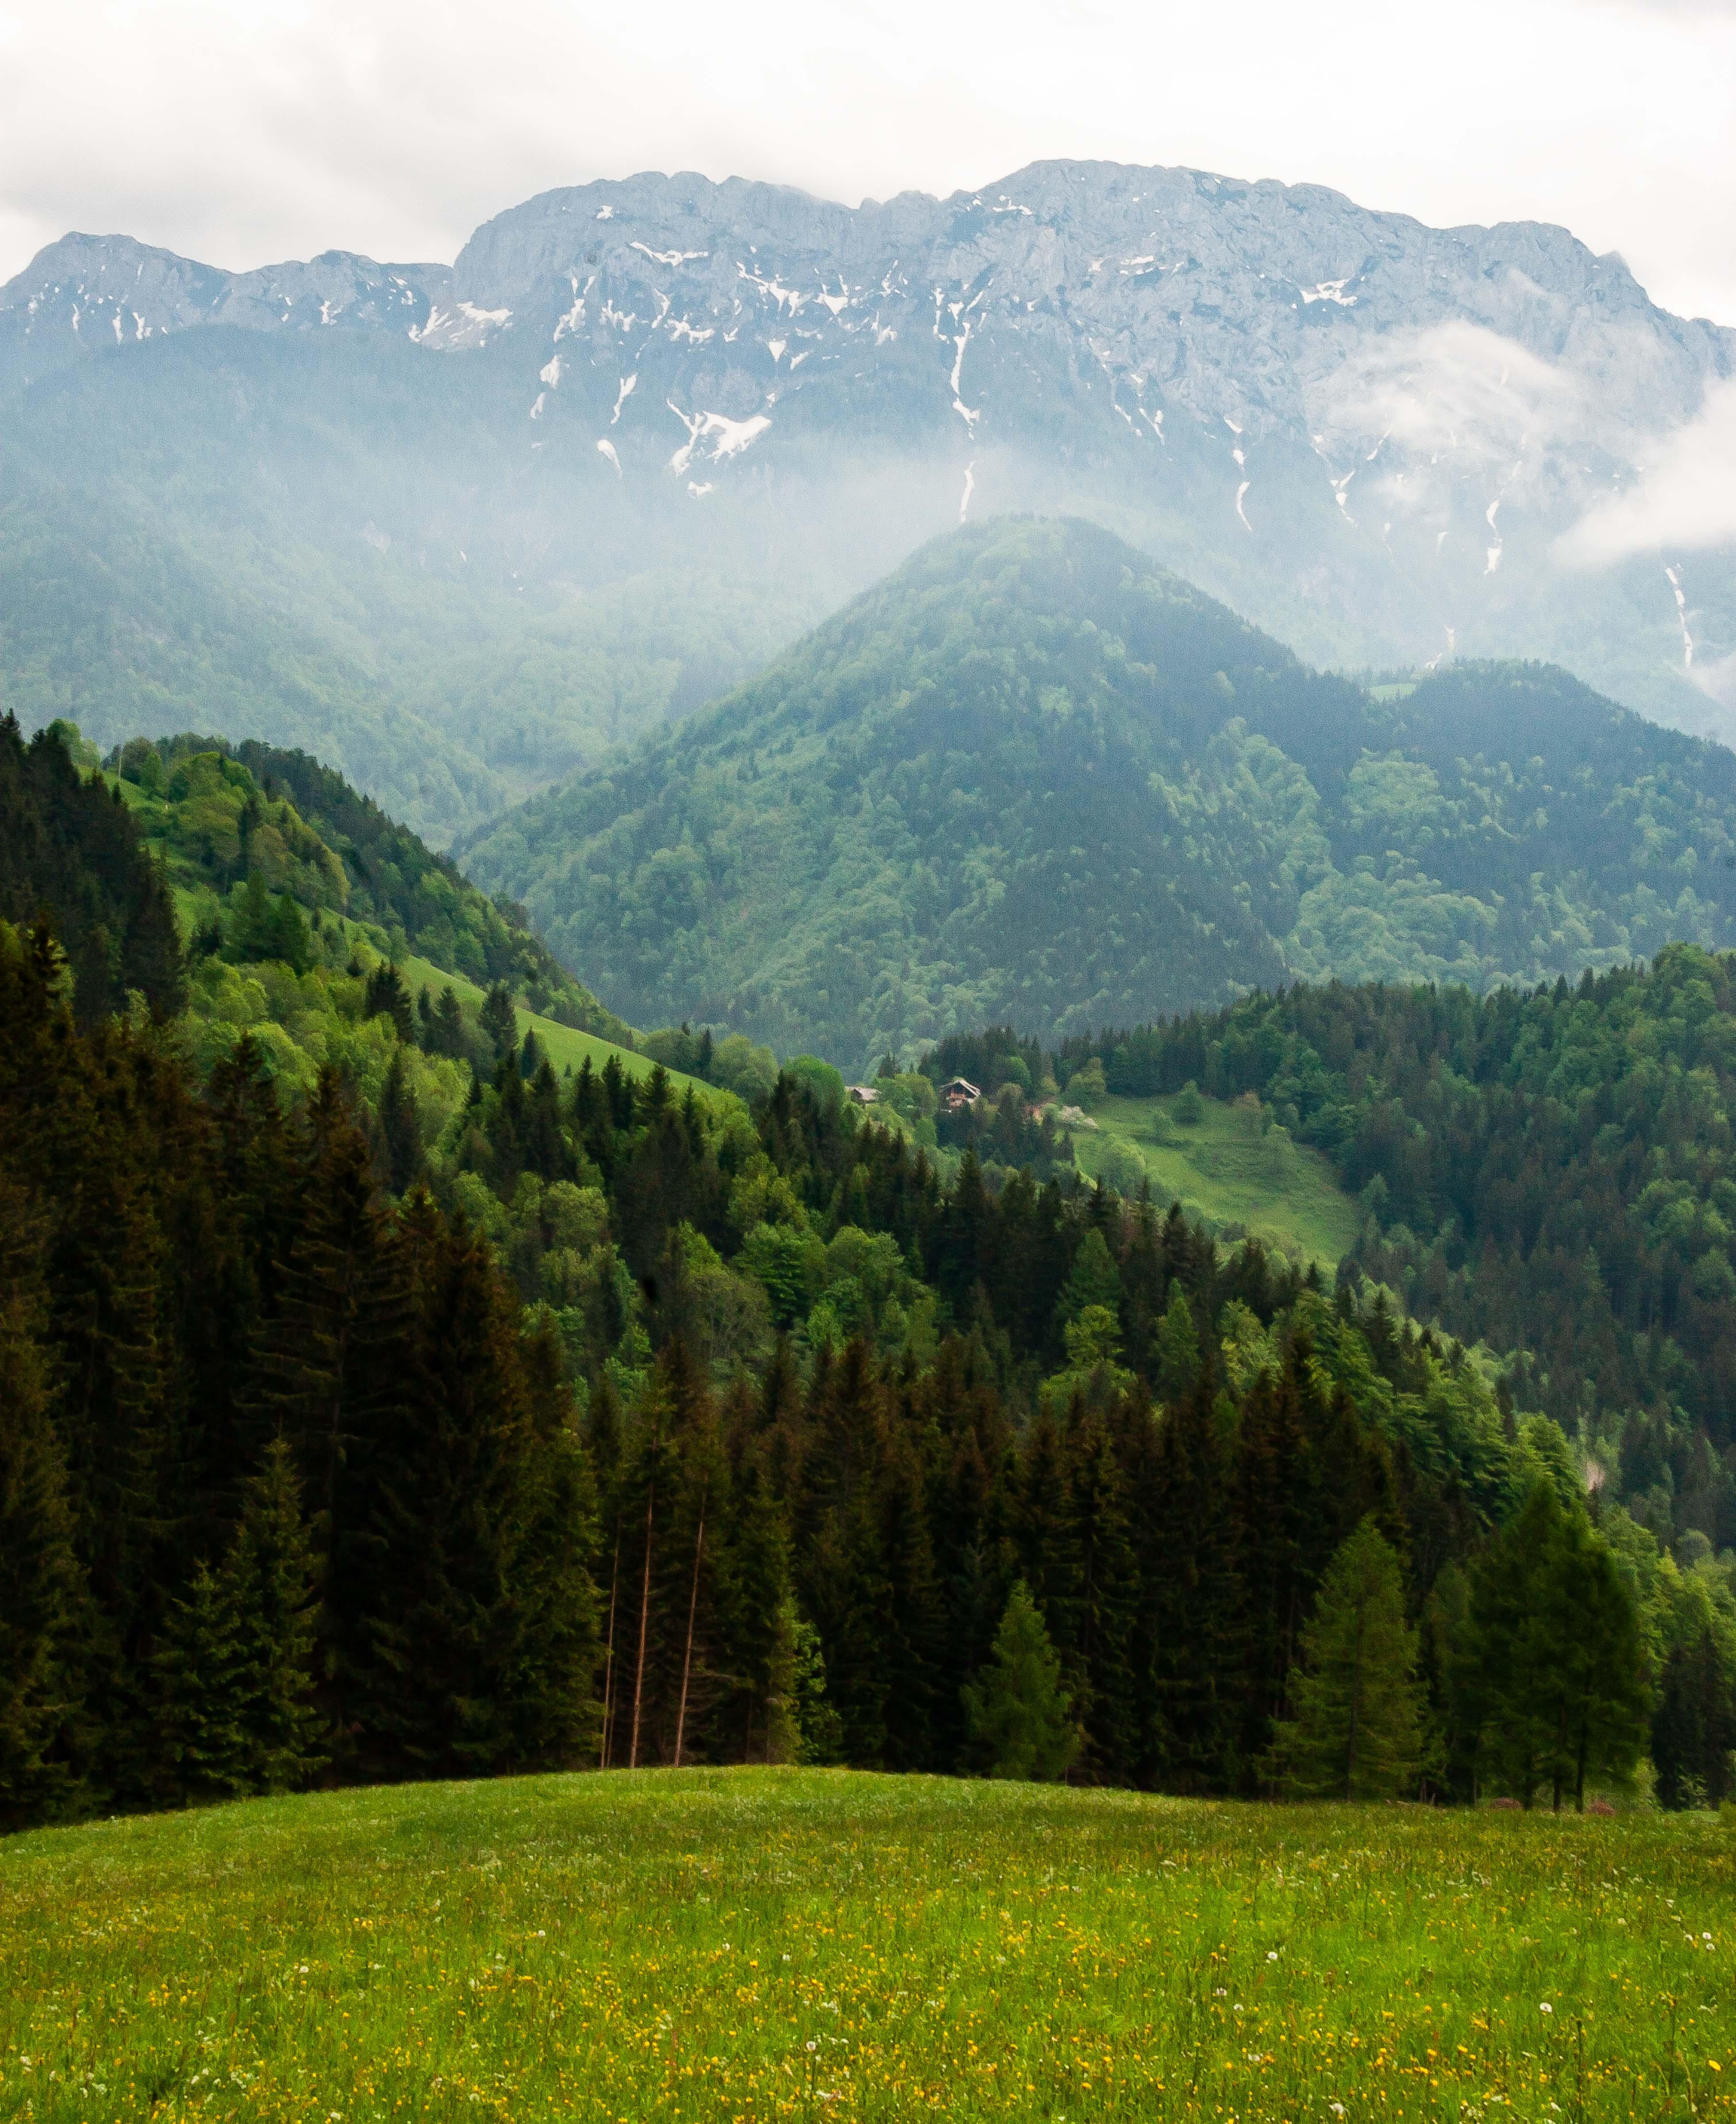 Slovenia, Solcava Prov, Mountain Landscape, 2006, IMG 8414